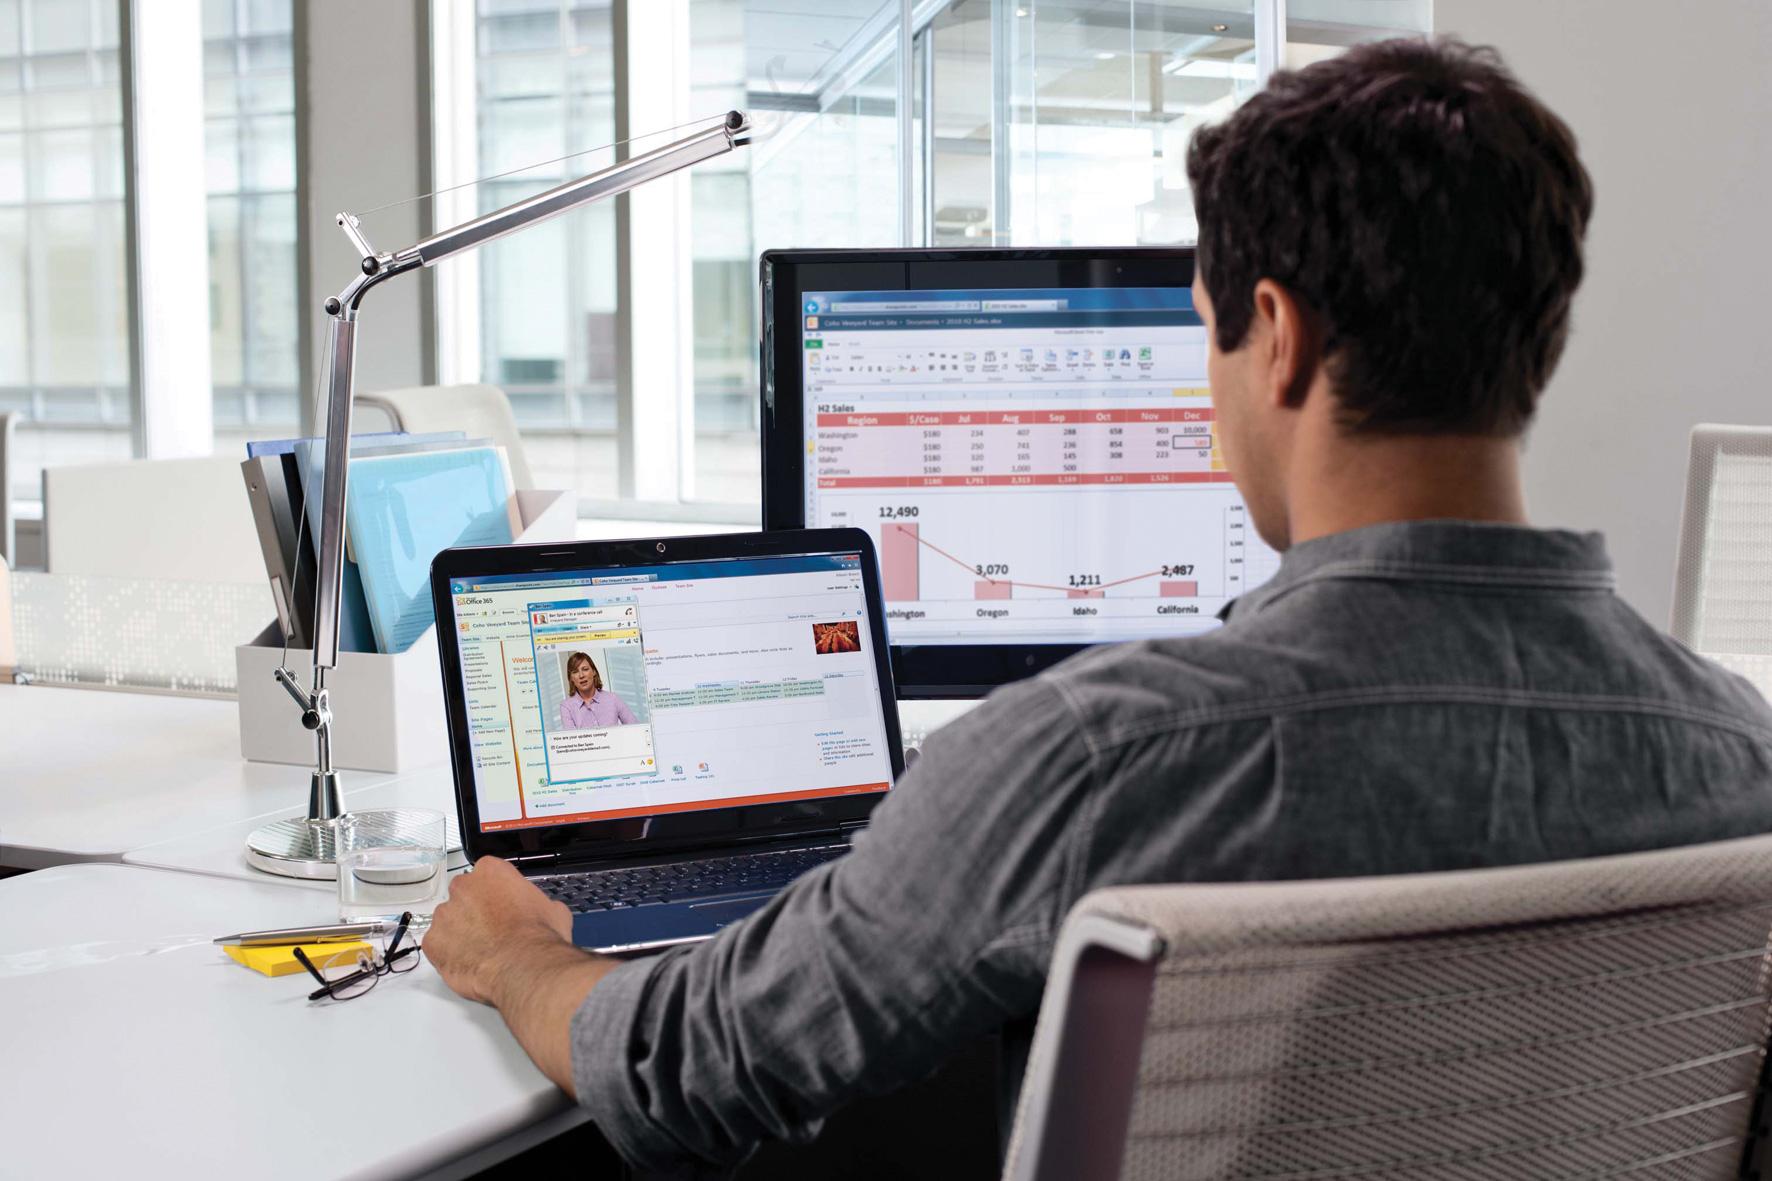 Zarabiaj na usługach online już dziś!